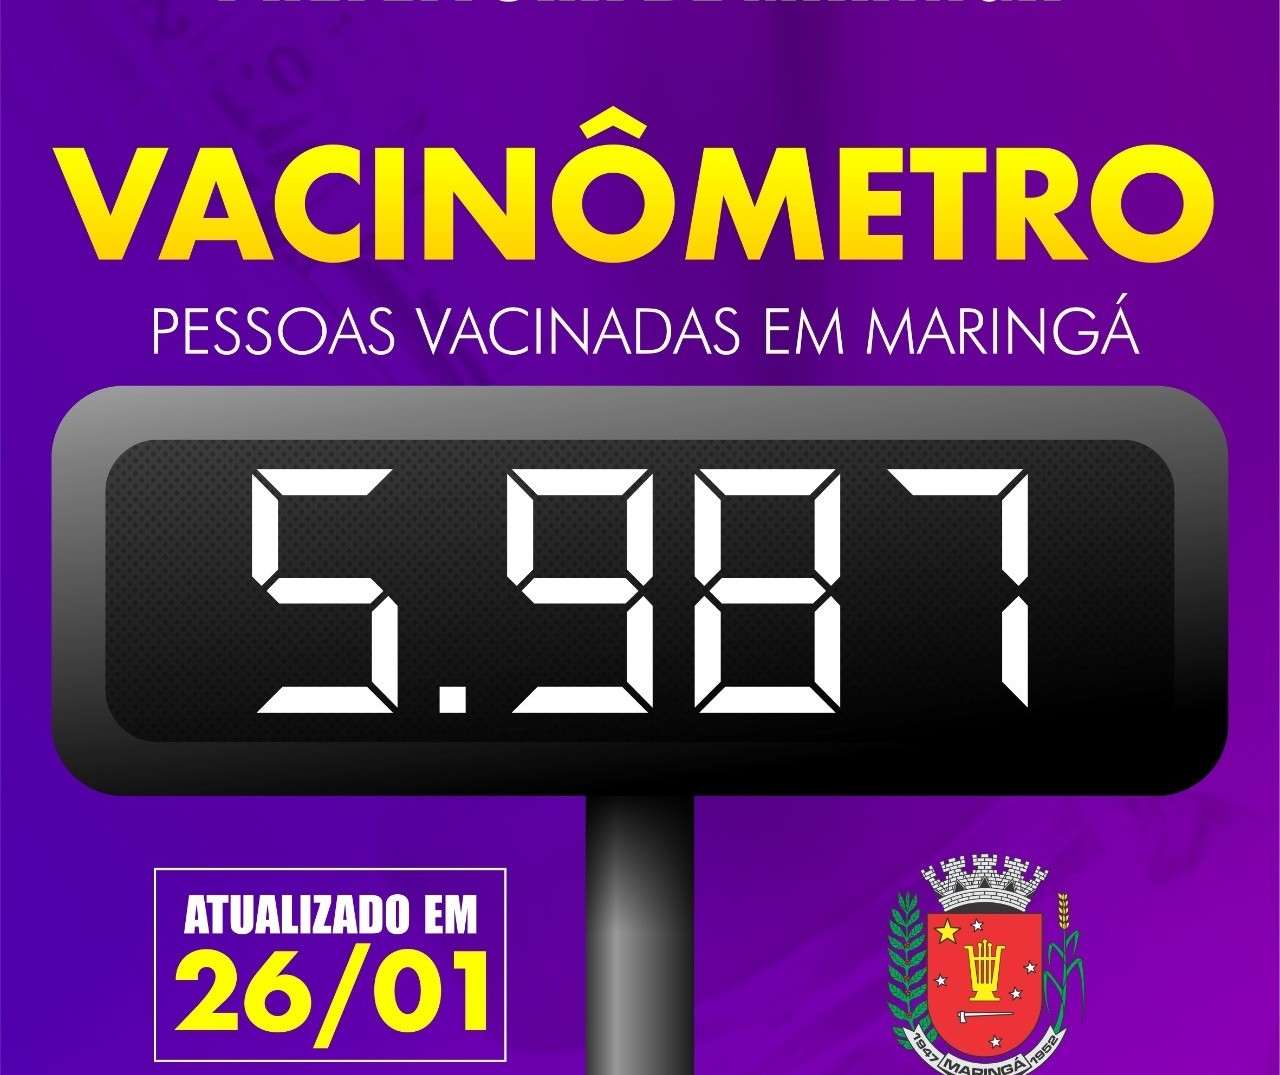 Covid-19: Maringá vacinou 532 pessoas nesta terça-feira; total chega a 5.987